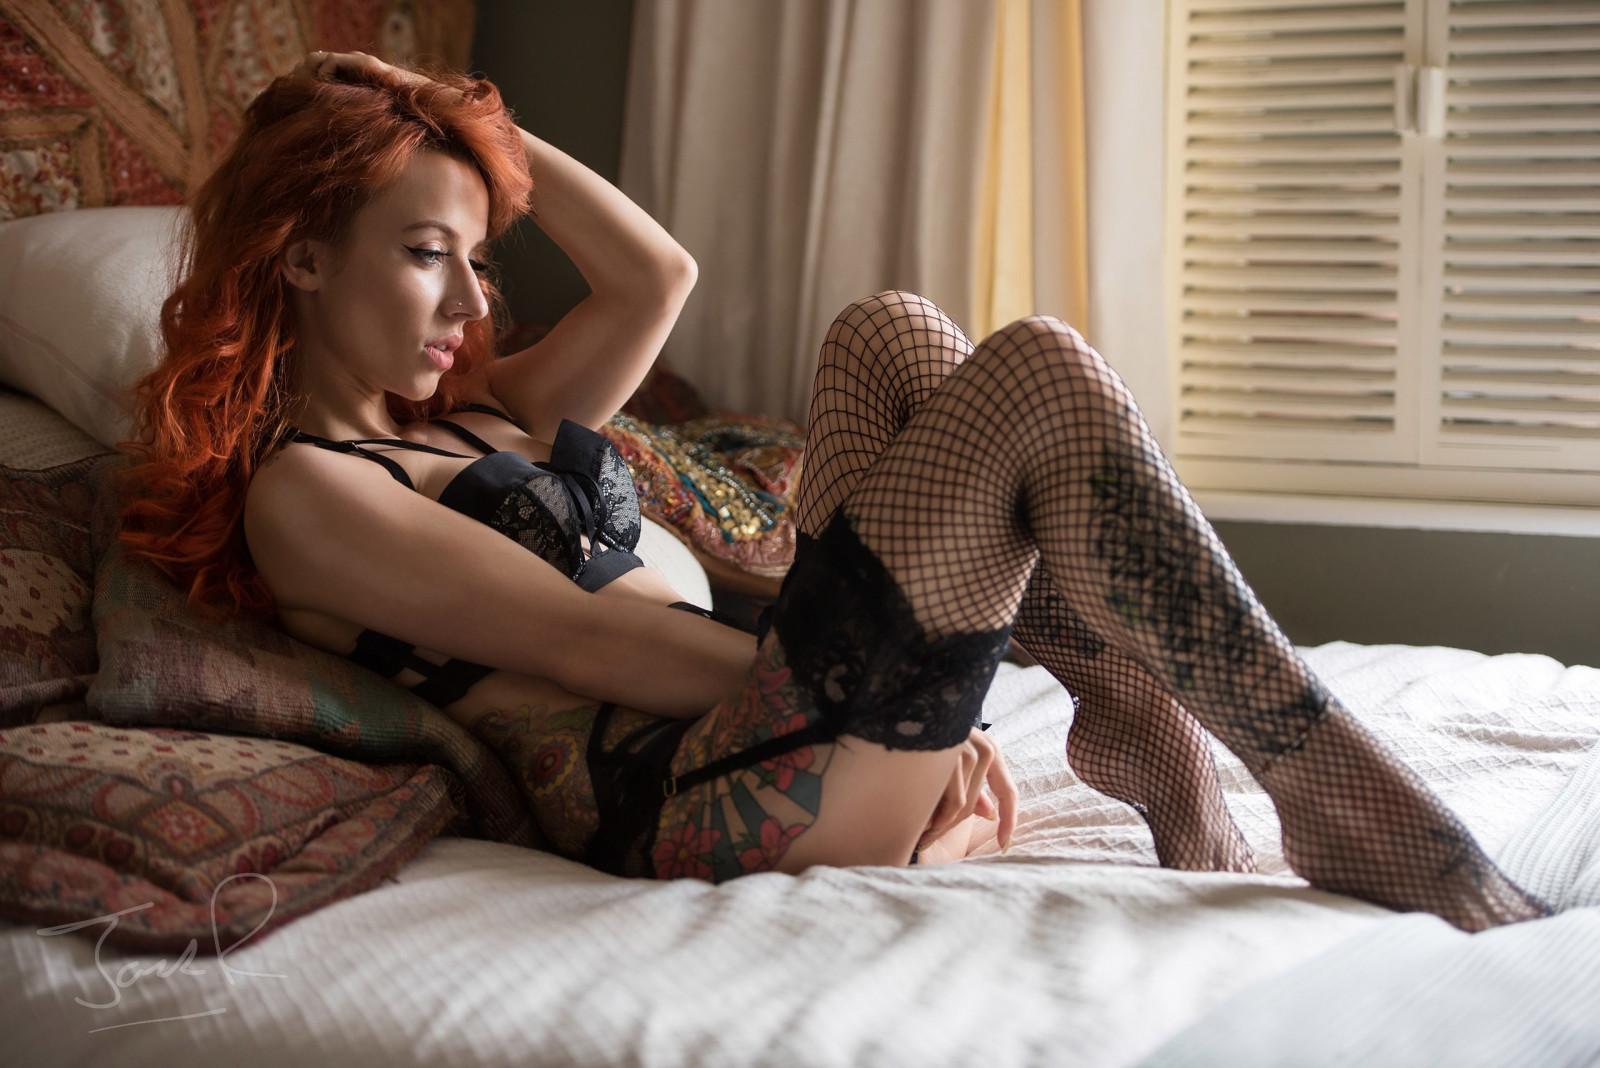 Beautiful woman erotic sex